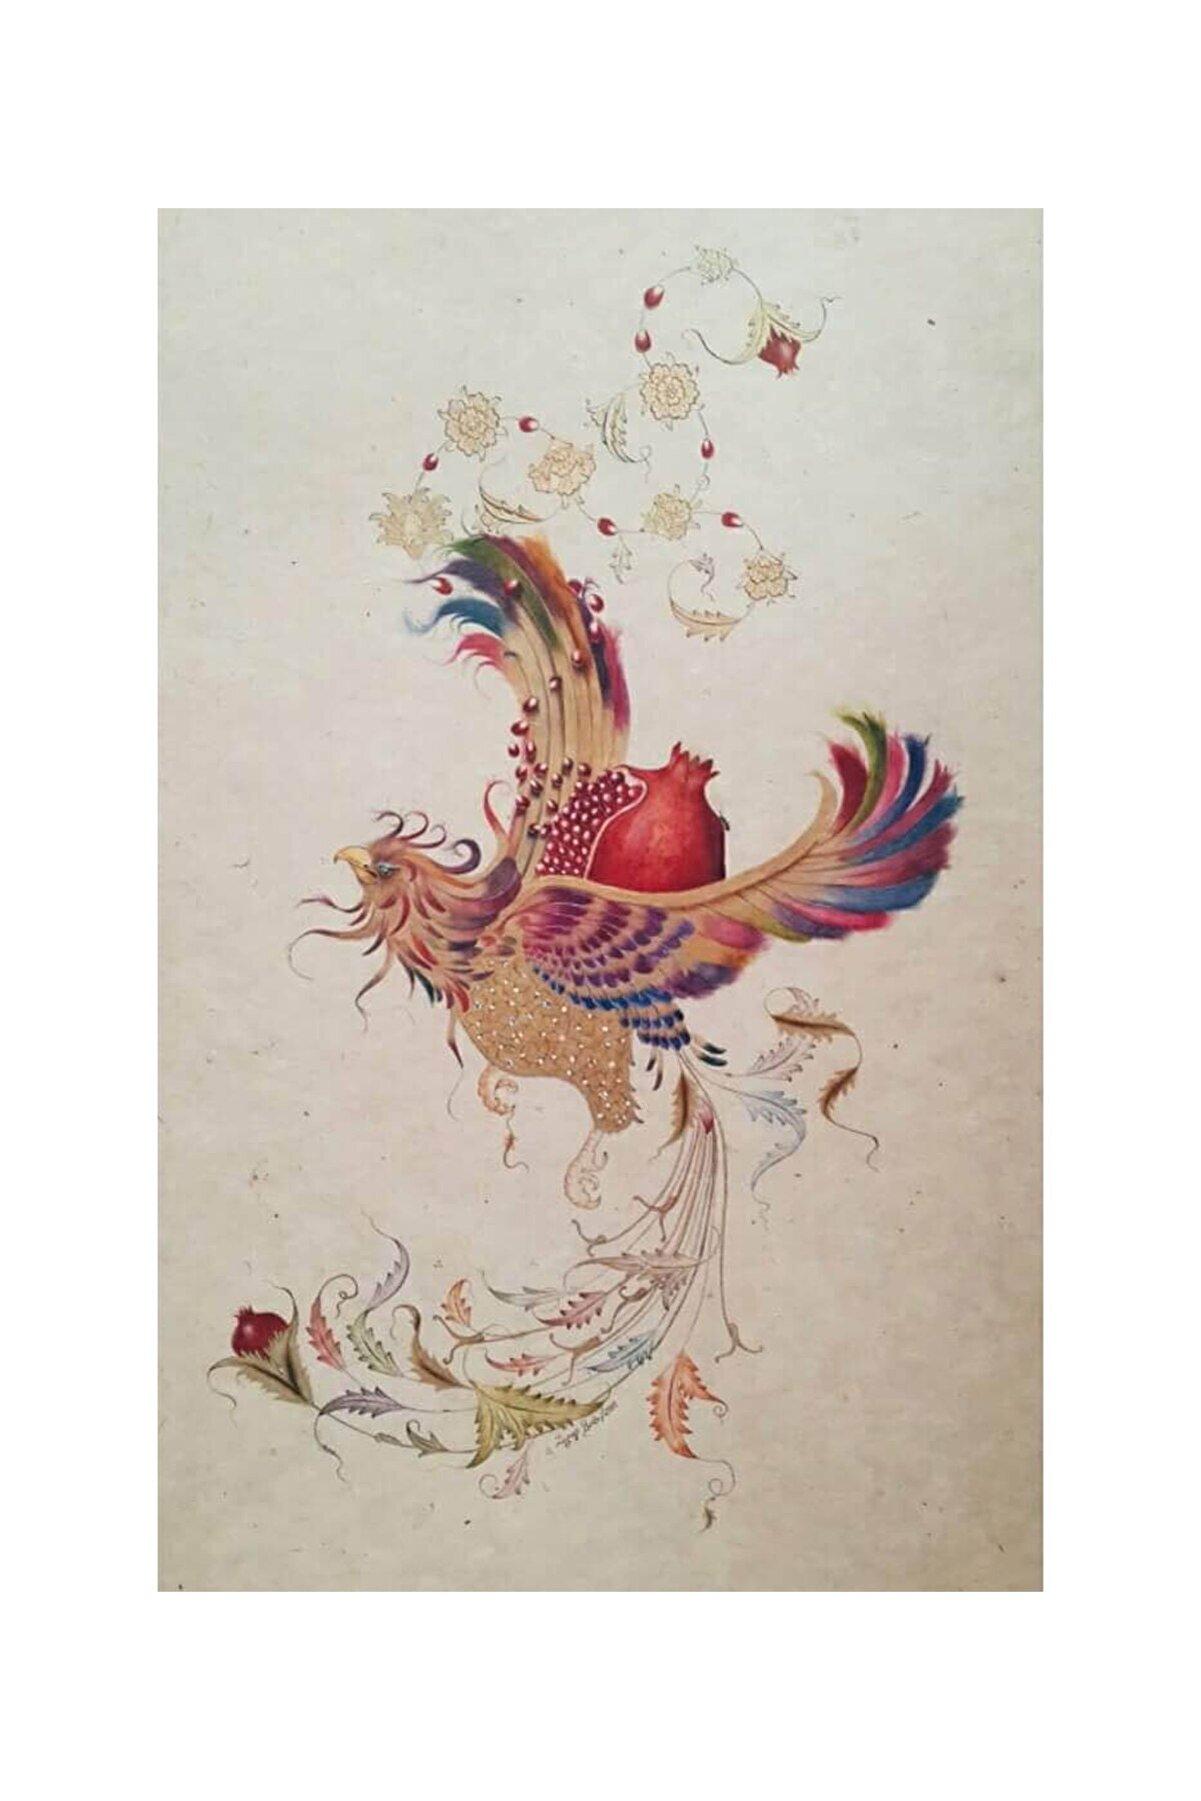 Zeynep Bato Yol, 70x100, Mukavva Üzerine Boyanmış Kağıt Üzerine Suluboya